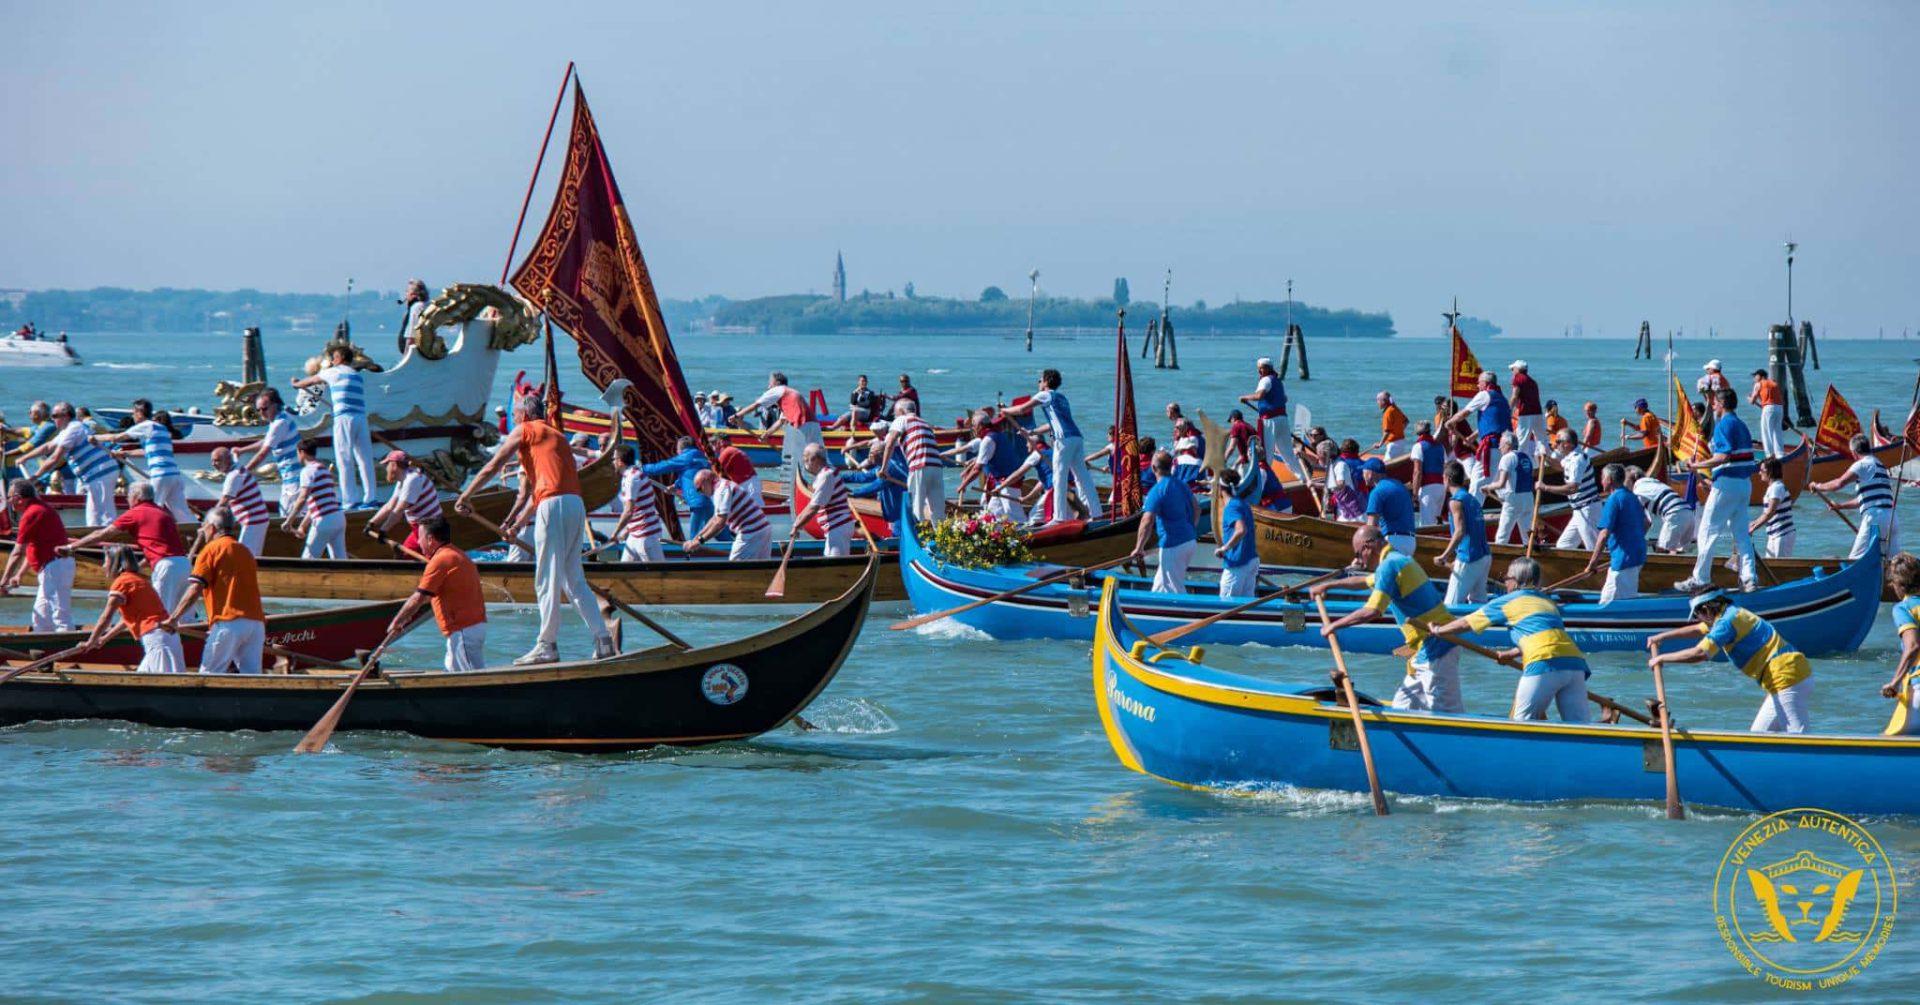 Parade during the Festa della Sensa in Venice, Italy